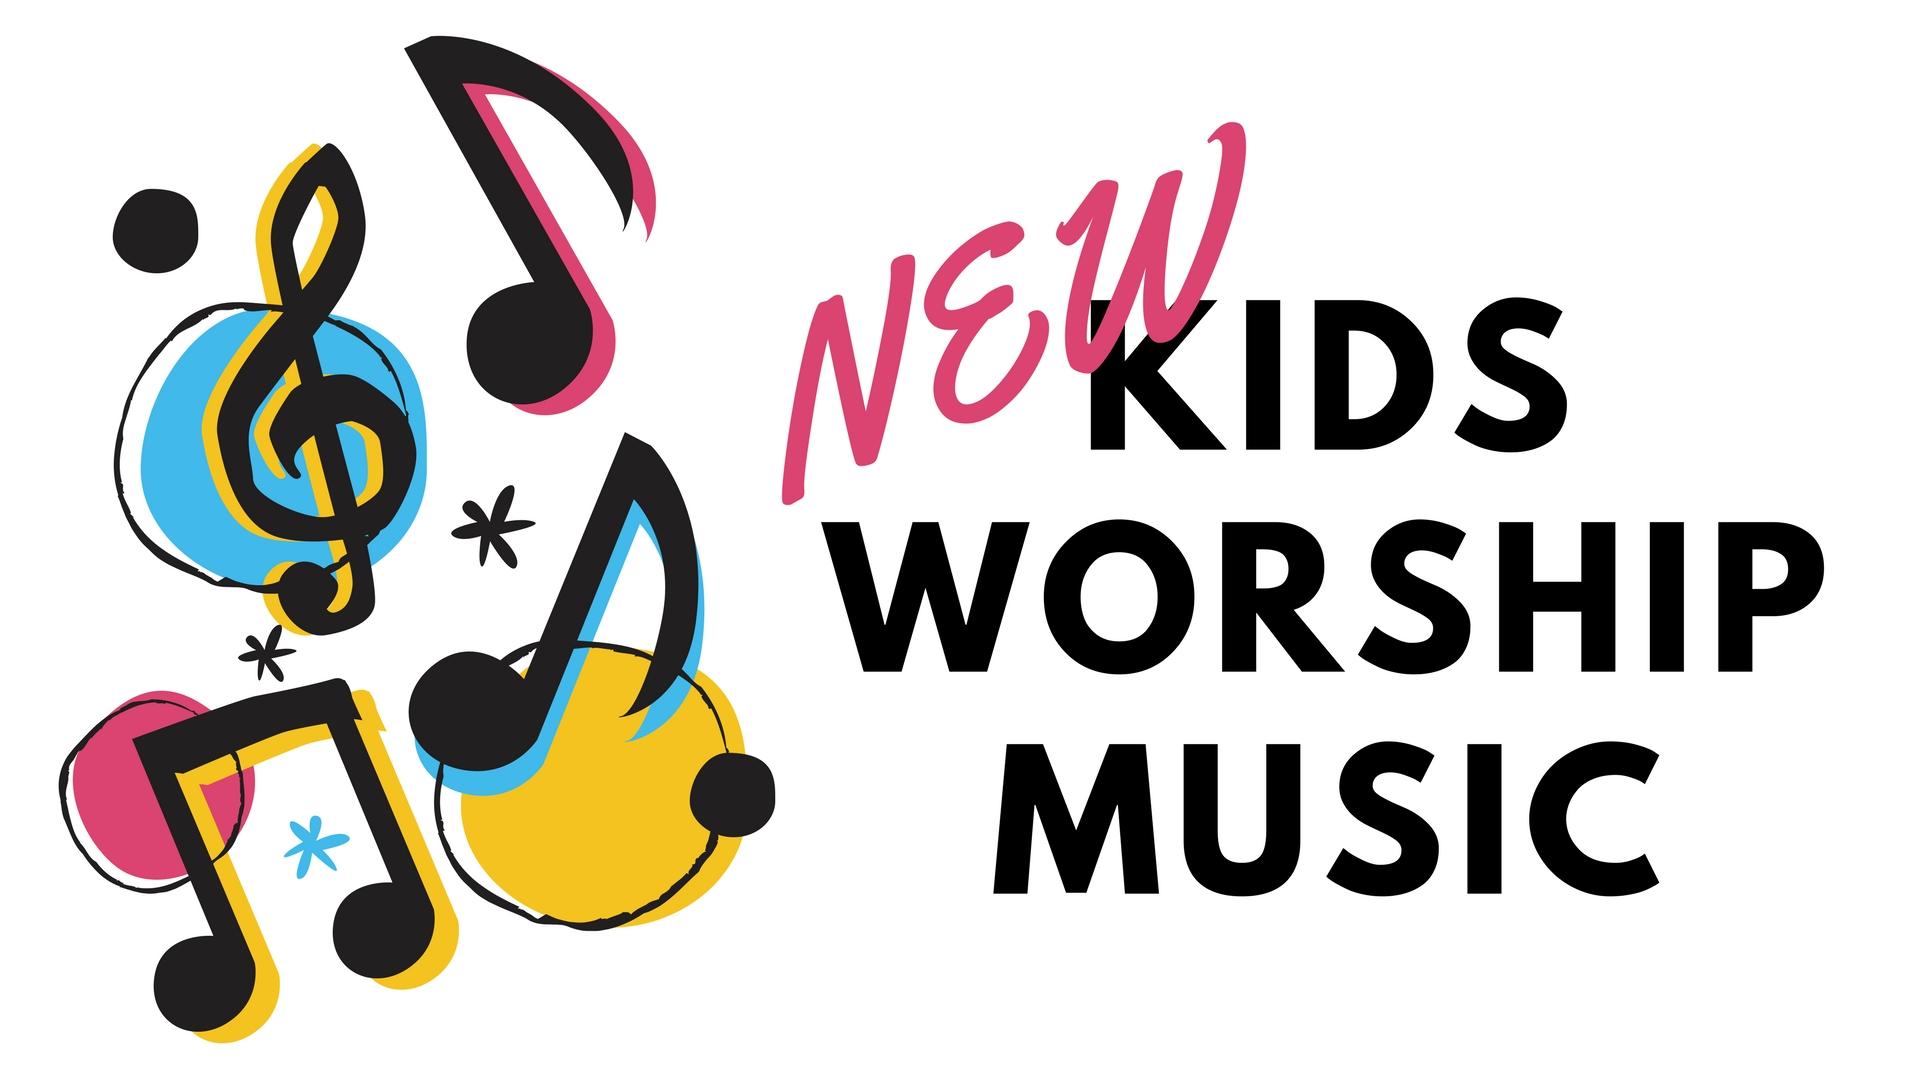 new kids worship music